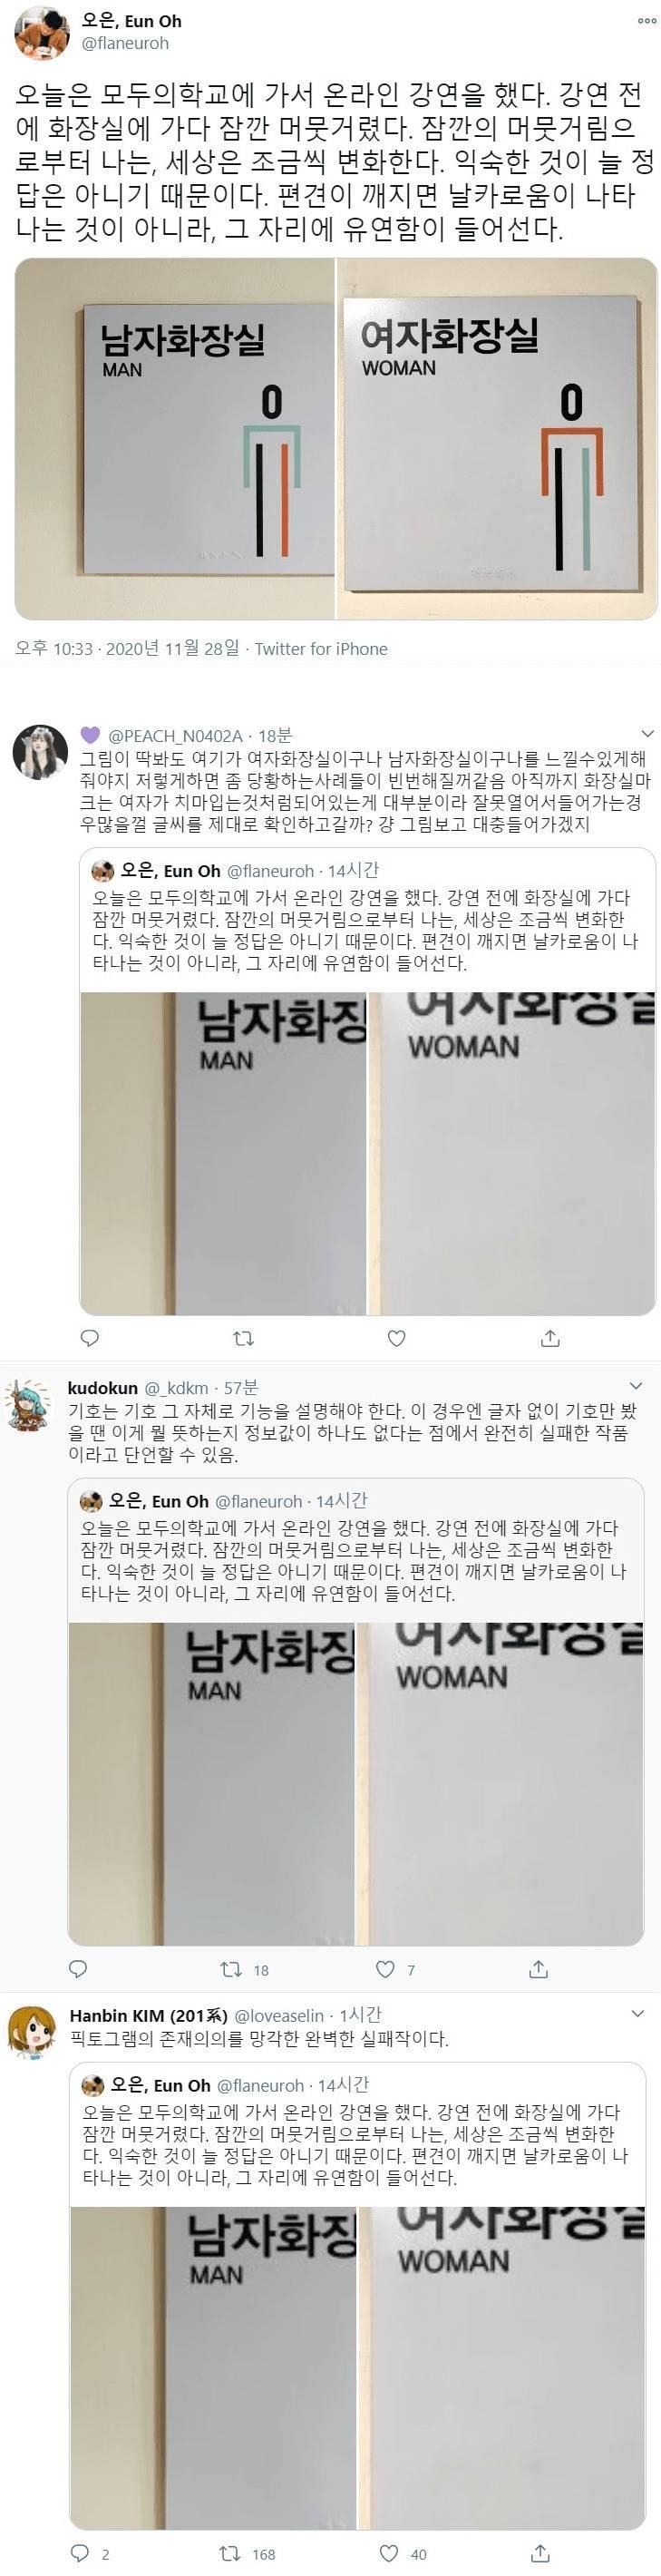 남녀 화장실의 변화